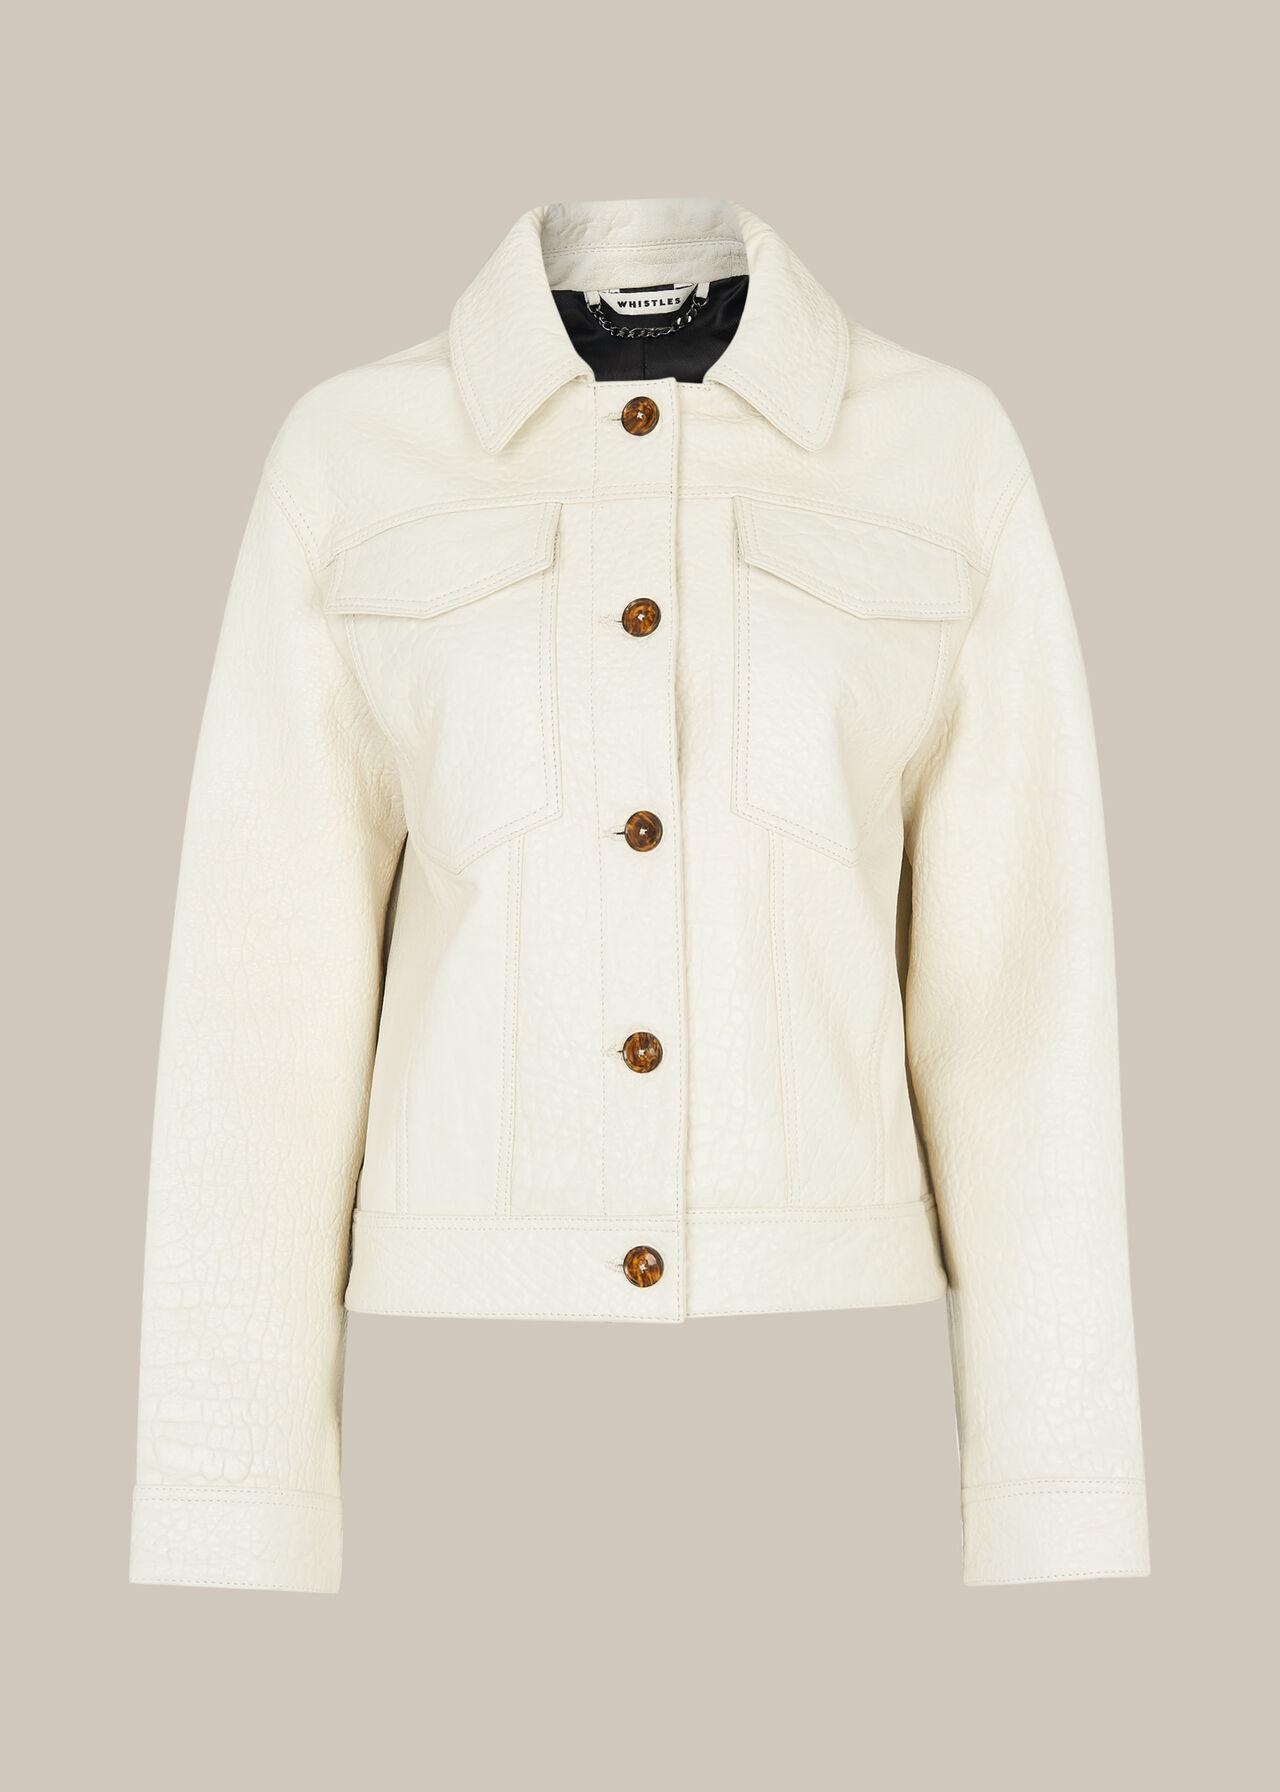 Western Leather Jacket